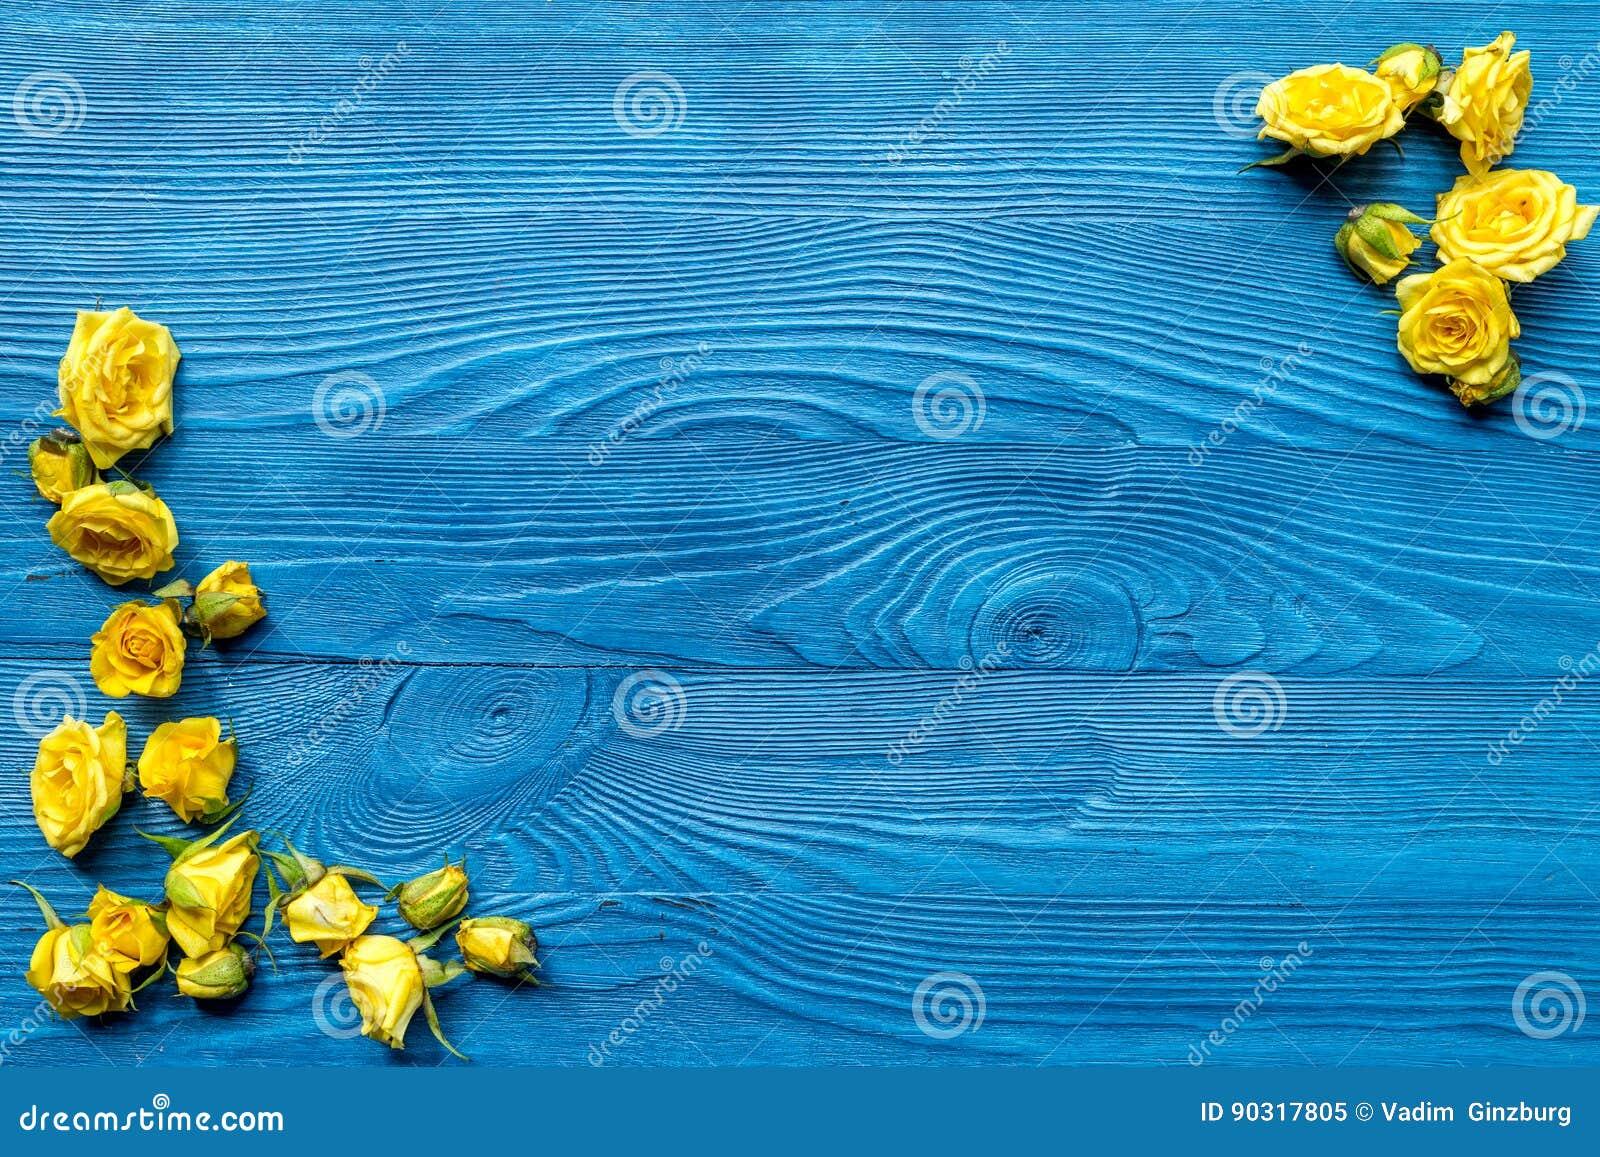 Wooden Desk With Blue Background ~ Spring design with roses on wooden desk background top